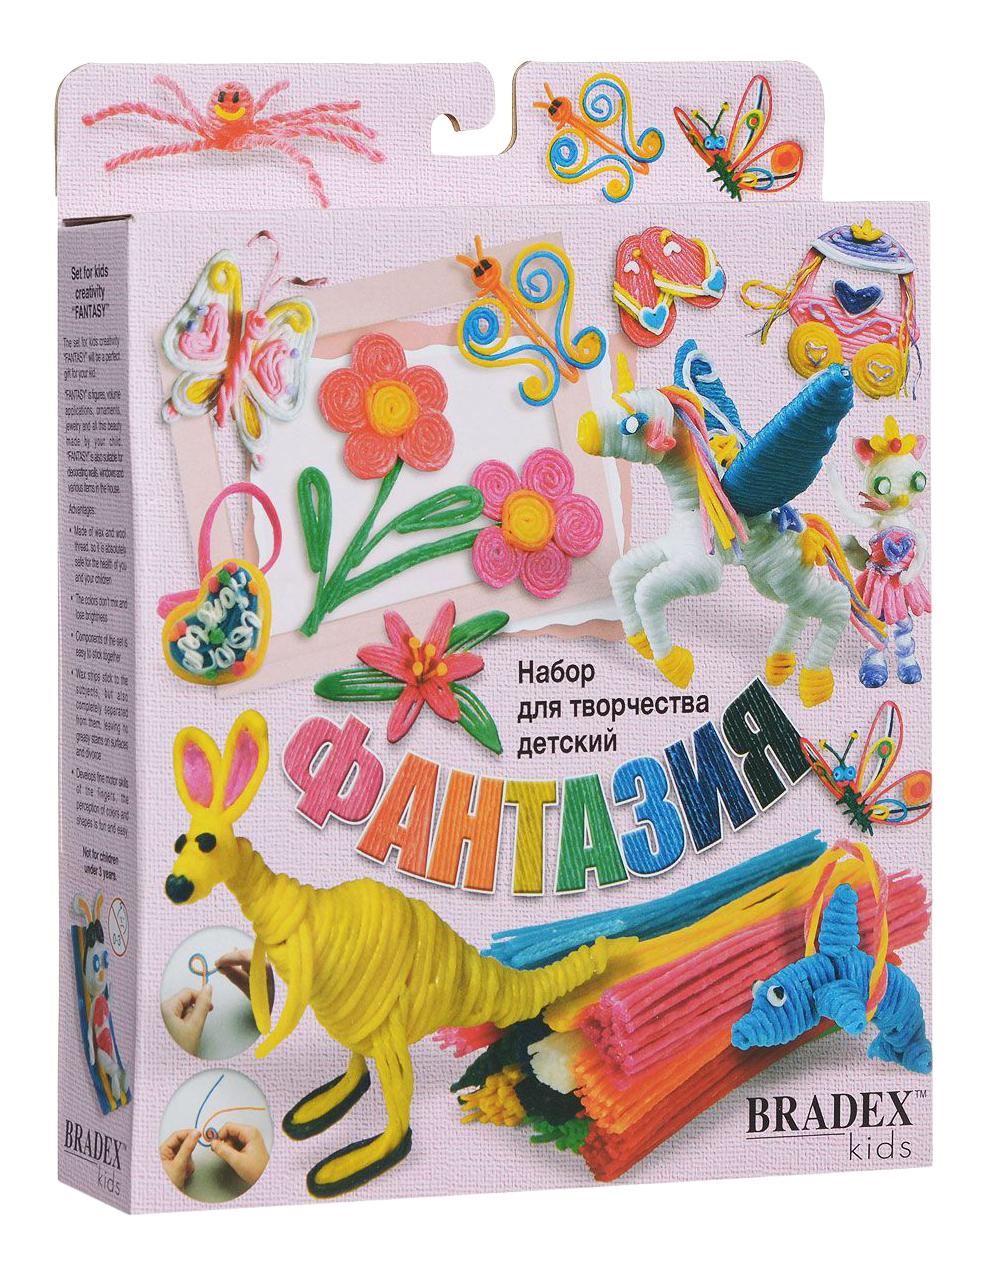 Купить Набор для творчества детский ФАНТАЗИЯ, Bradex, Рукоделие